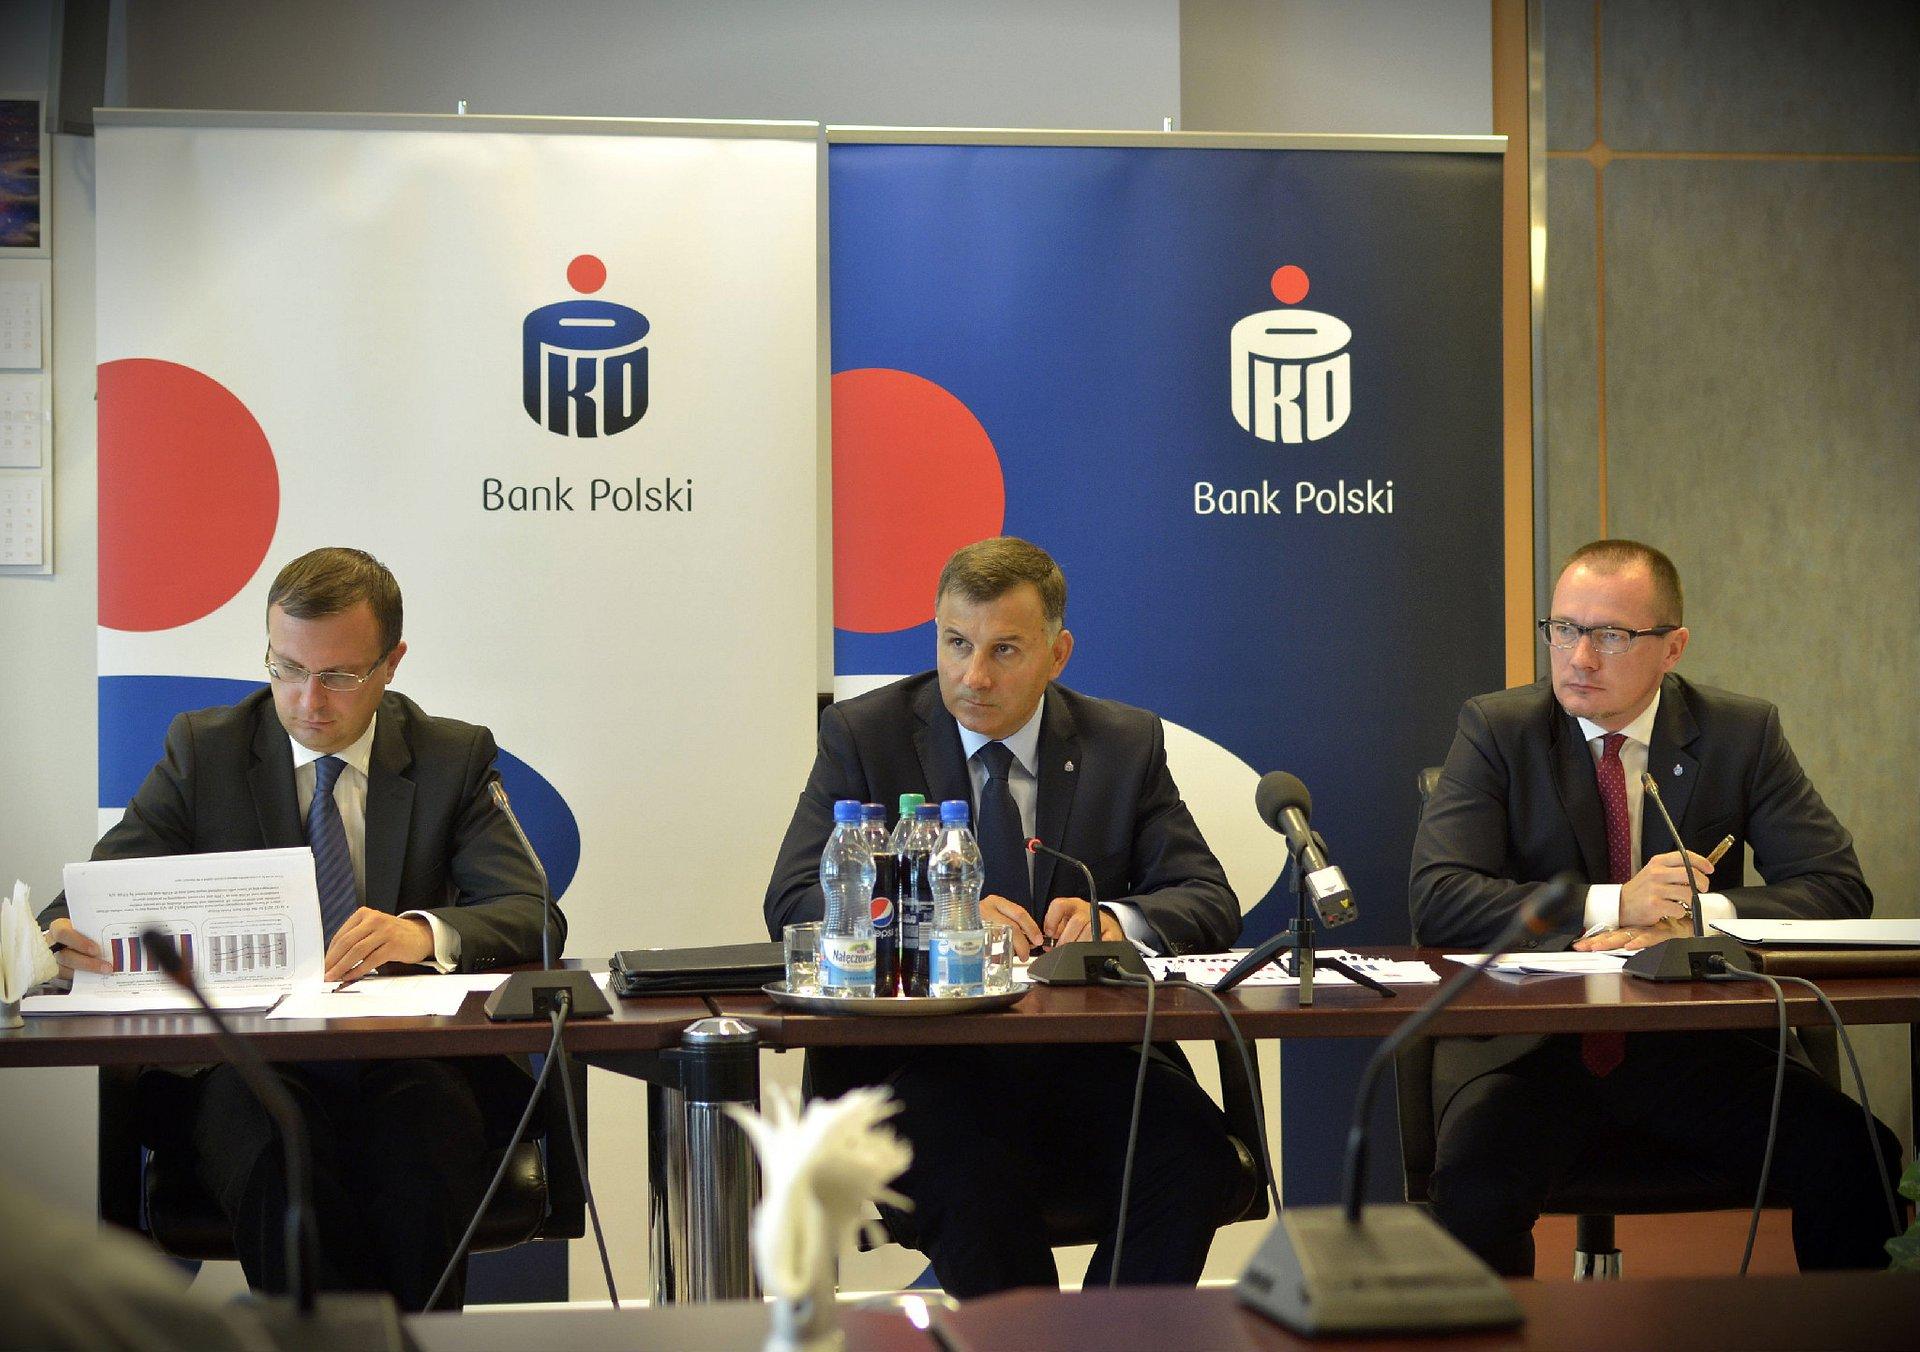 Stabilny i wysoki zysk oraz dalszy wzrost efektywności Grupy PKO Banku Polskiego